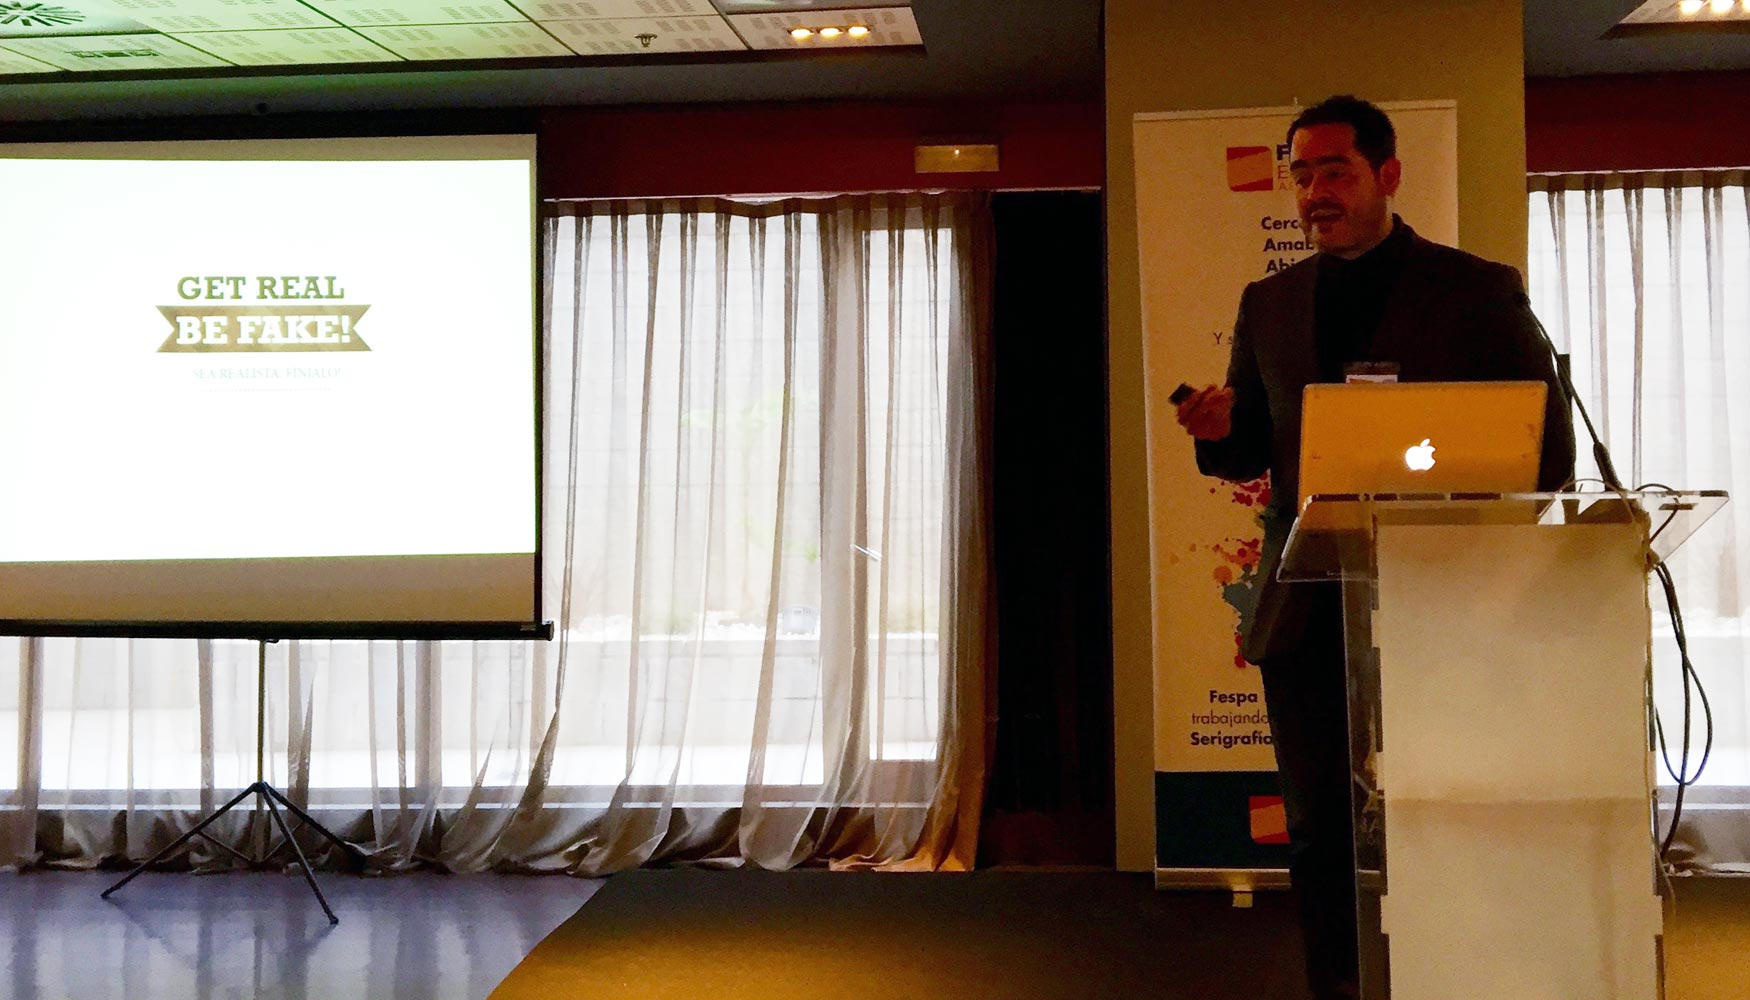 El iii congreso fespa analiza la claves de la comunicaci n visual en barcelona industria gr fica - Disenador de interiores barcelona ...